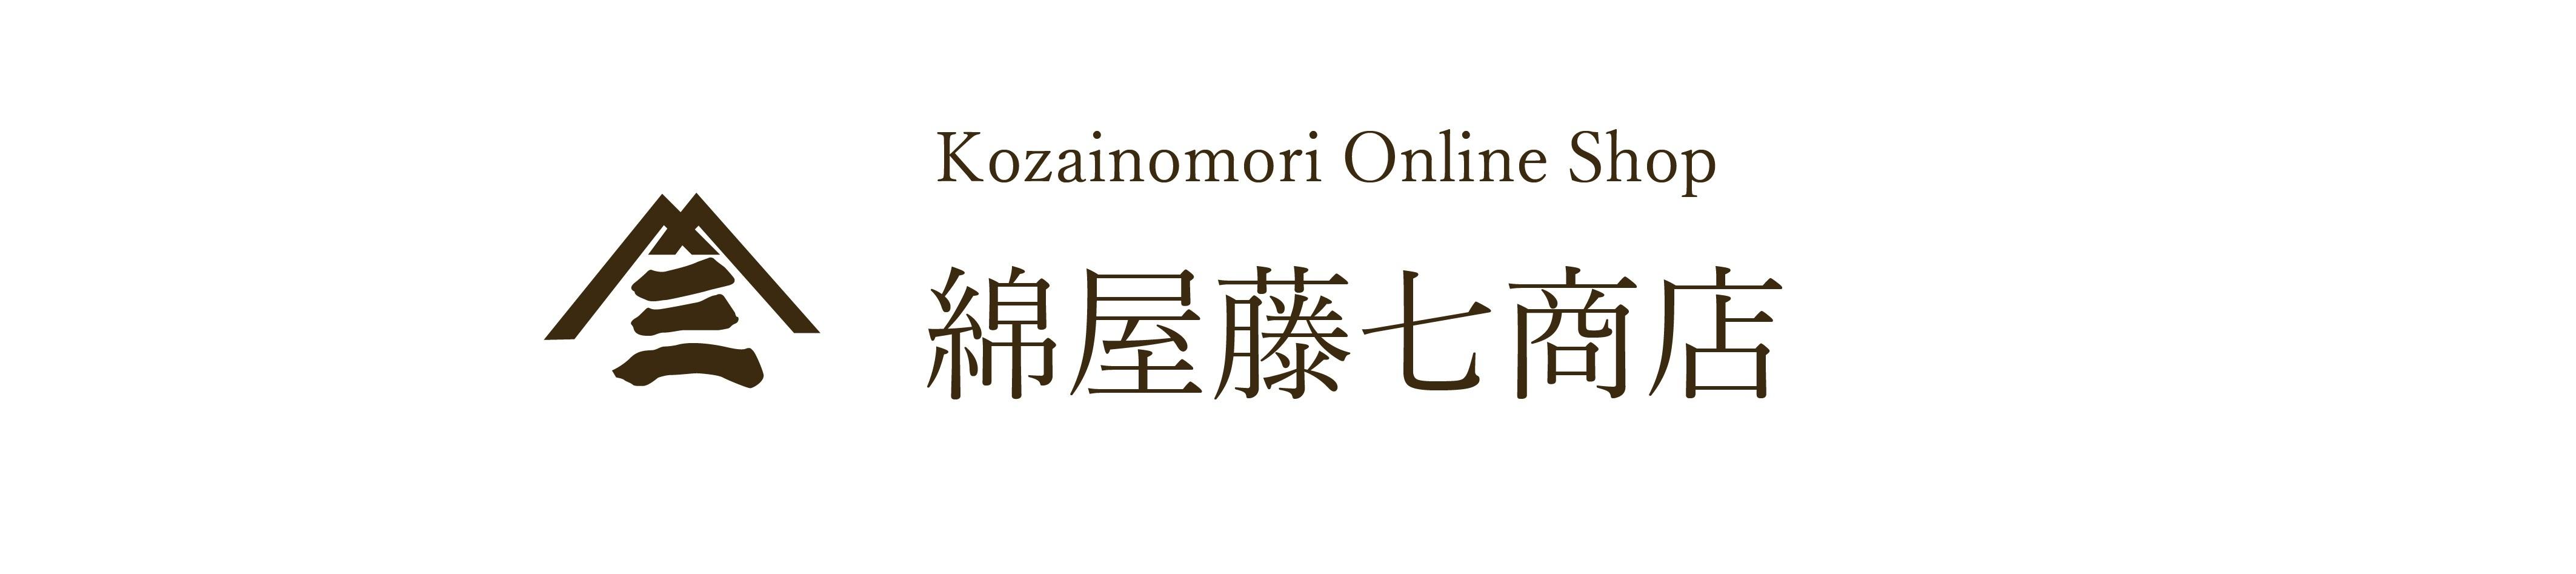 kozainomori